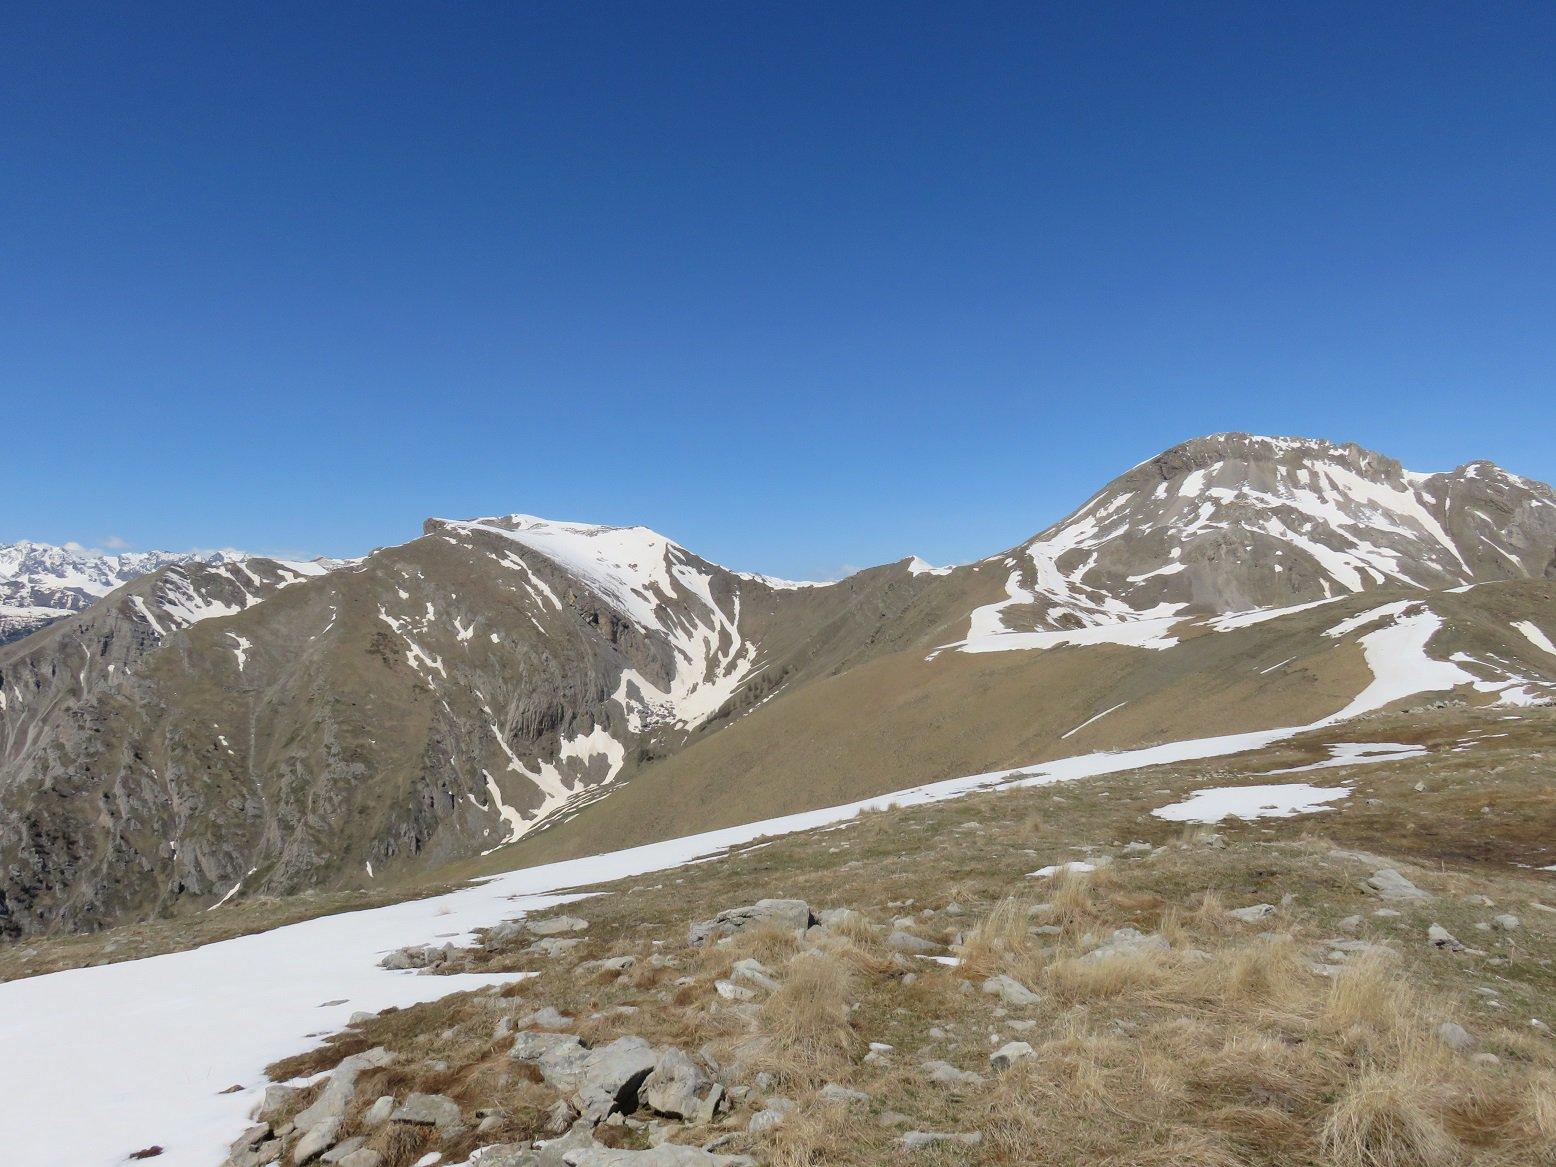 Sul Monte di Vinadio: il Nebius e il Savi